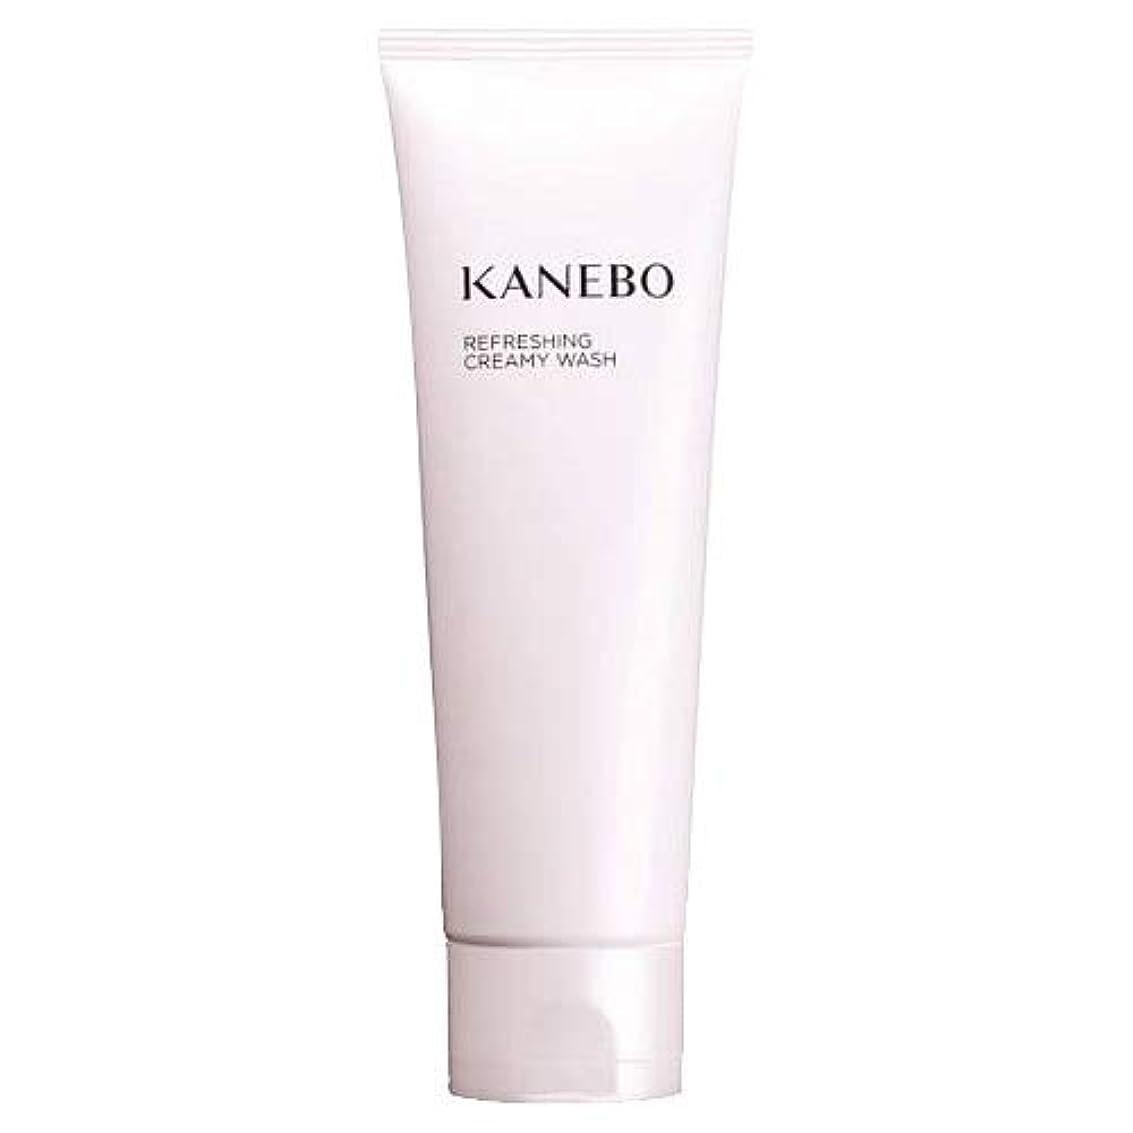 破滅的なにもかかわらず病弱カネボウ KANEBO 洗顔フォーム リフレッシングクリーミィウォッシュ 120ml :宅急便対応 送料無料 再入荷10 [並行輸入品]